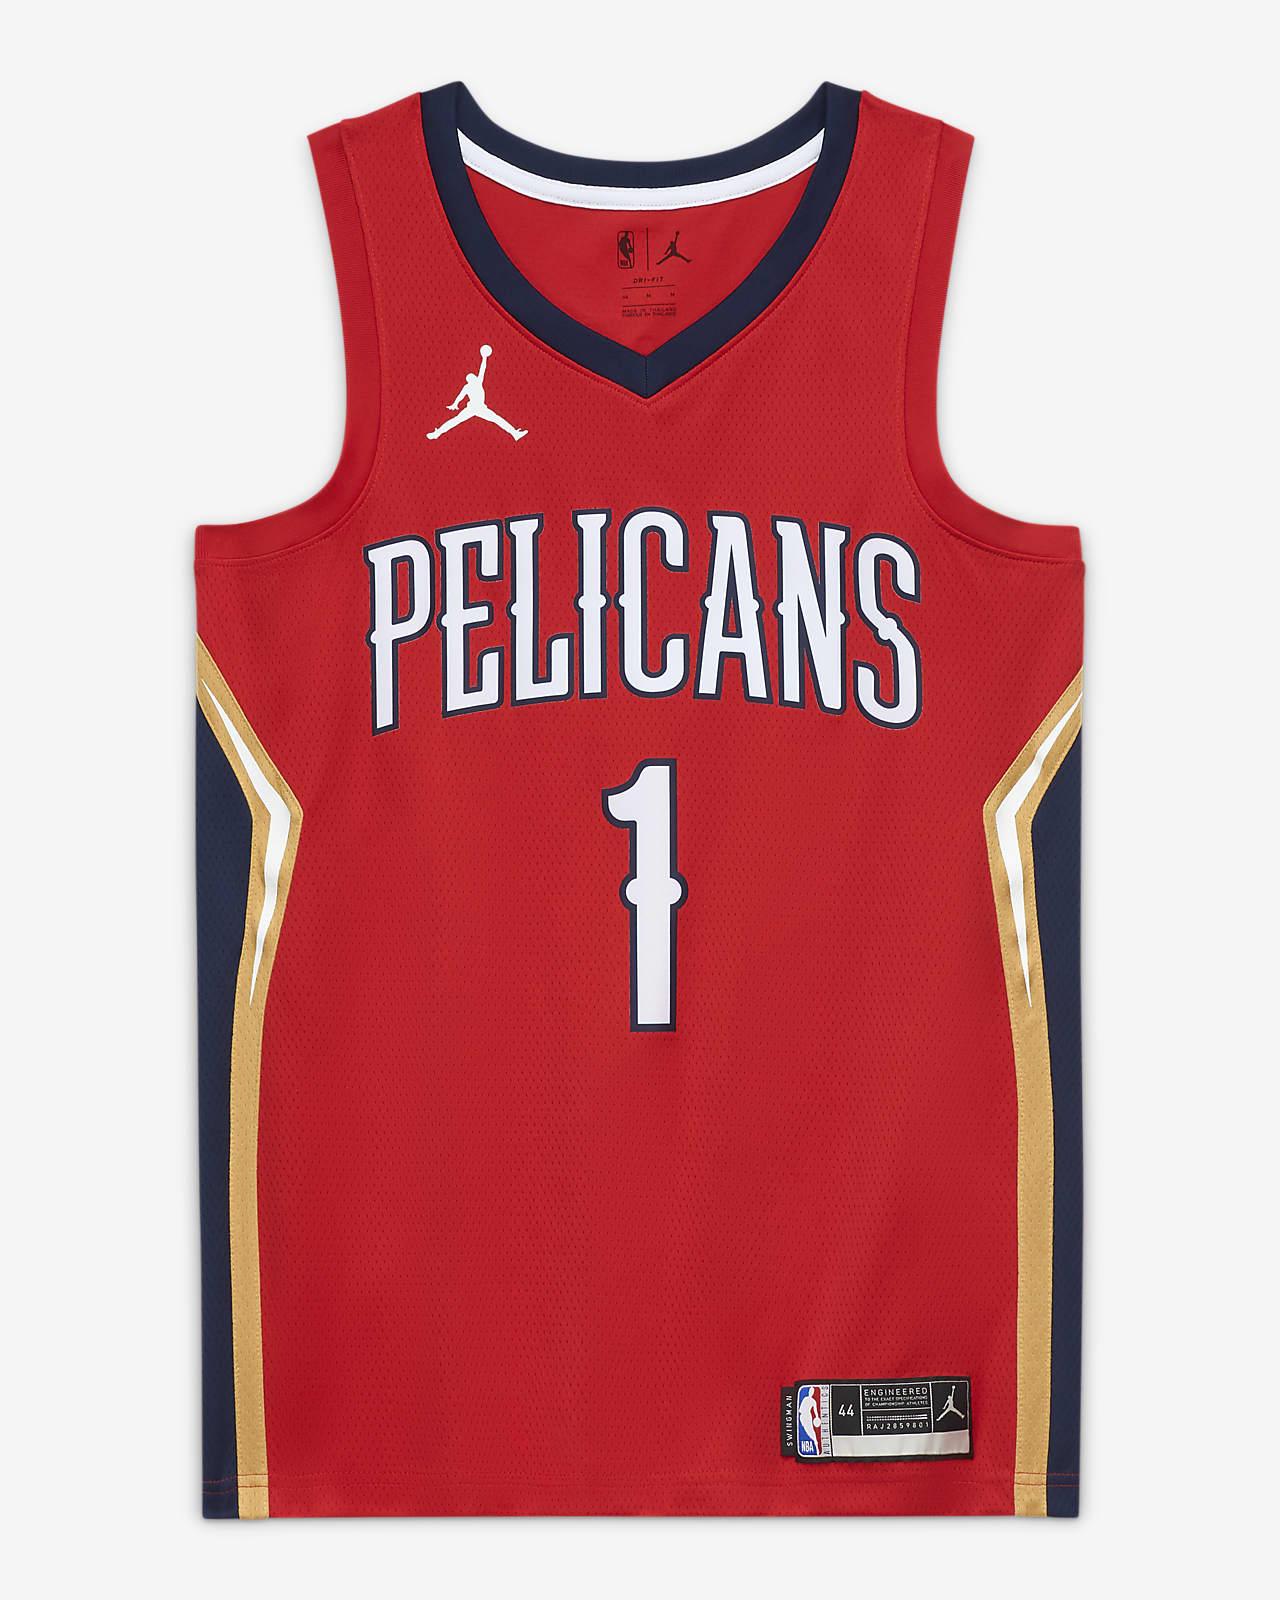 2020 赛季新奥尔良鹈鹕队 Statement Edition Jordan NBA Swingman Jersey 男子球衣